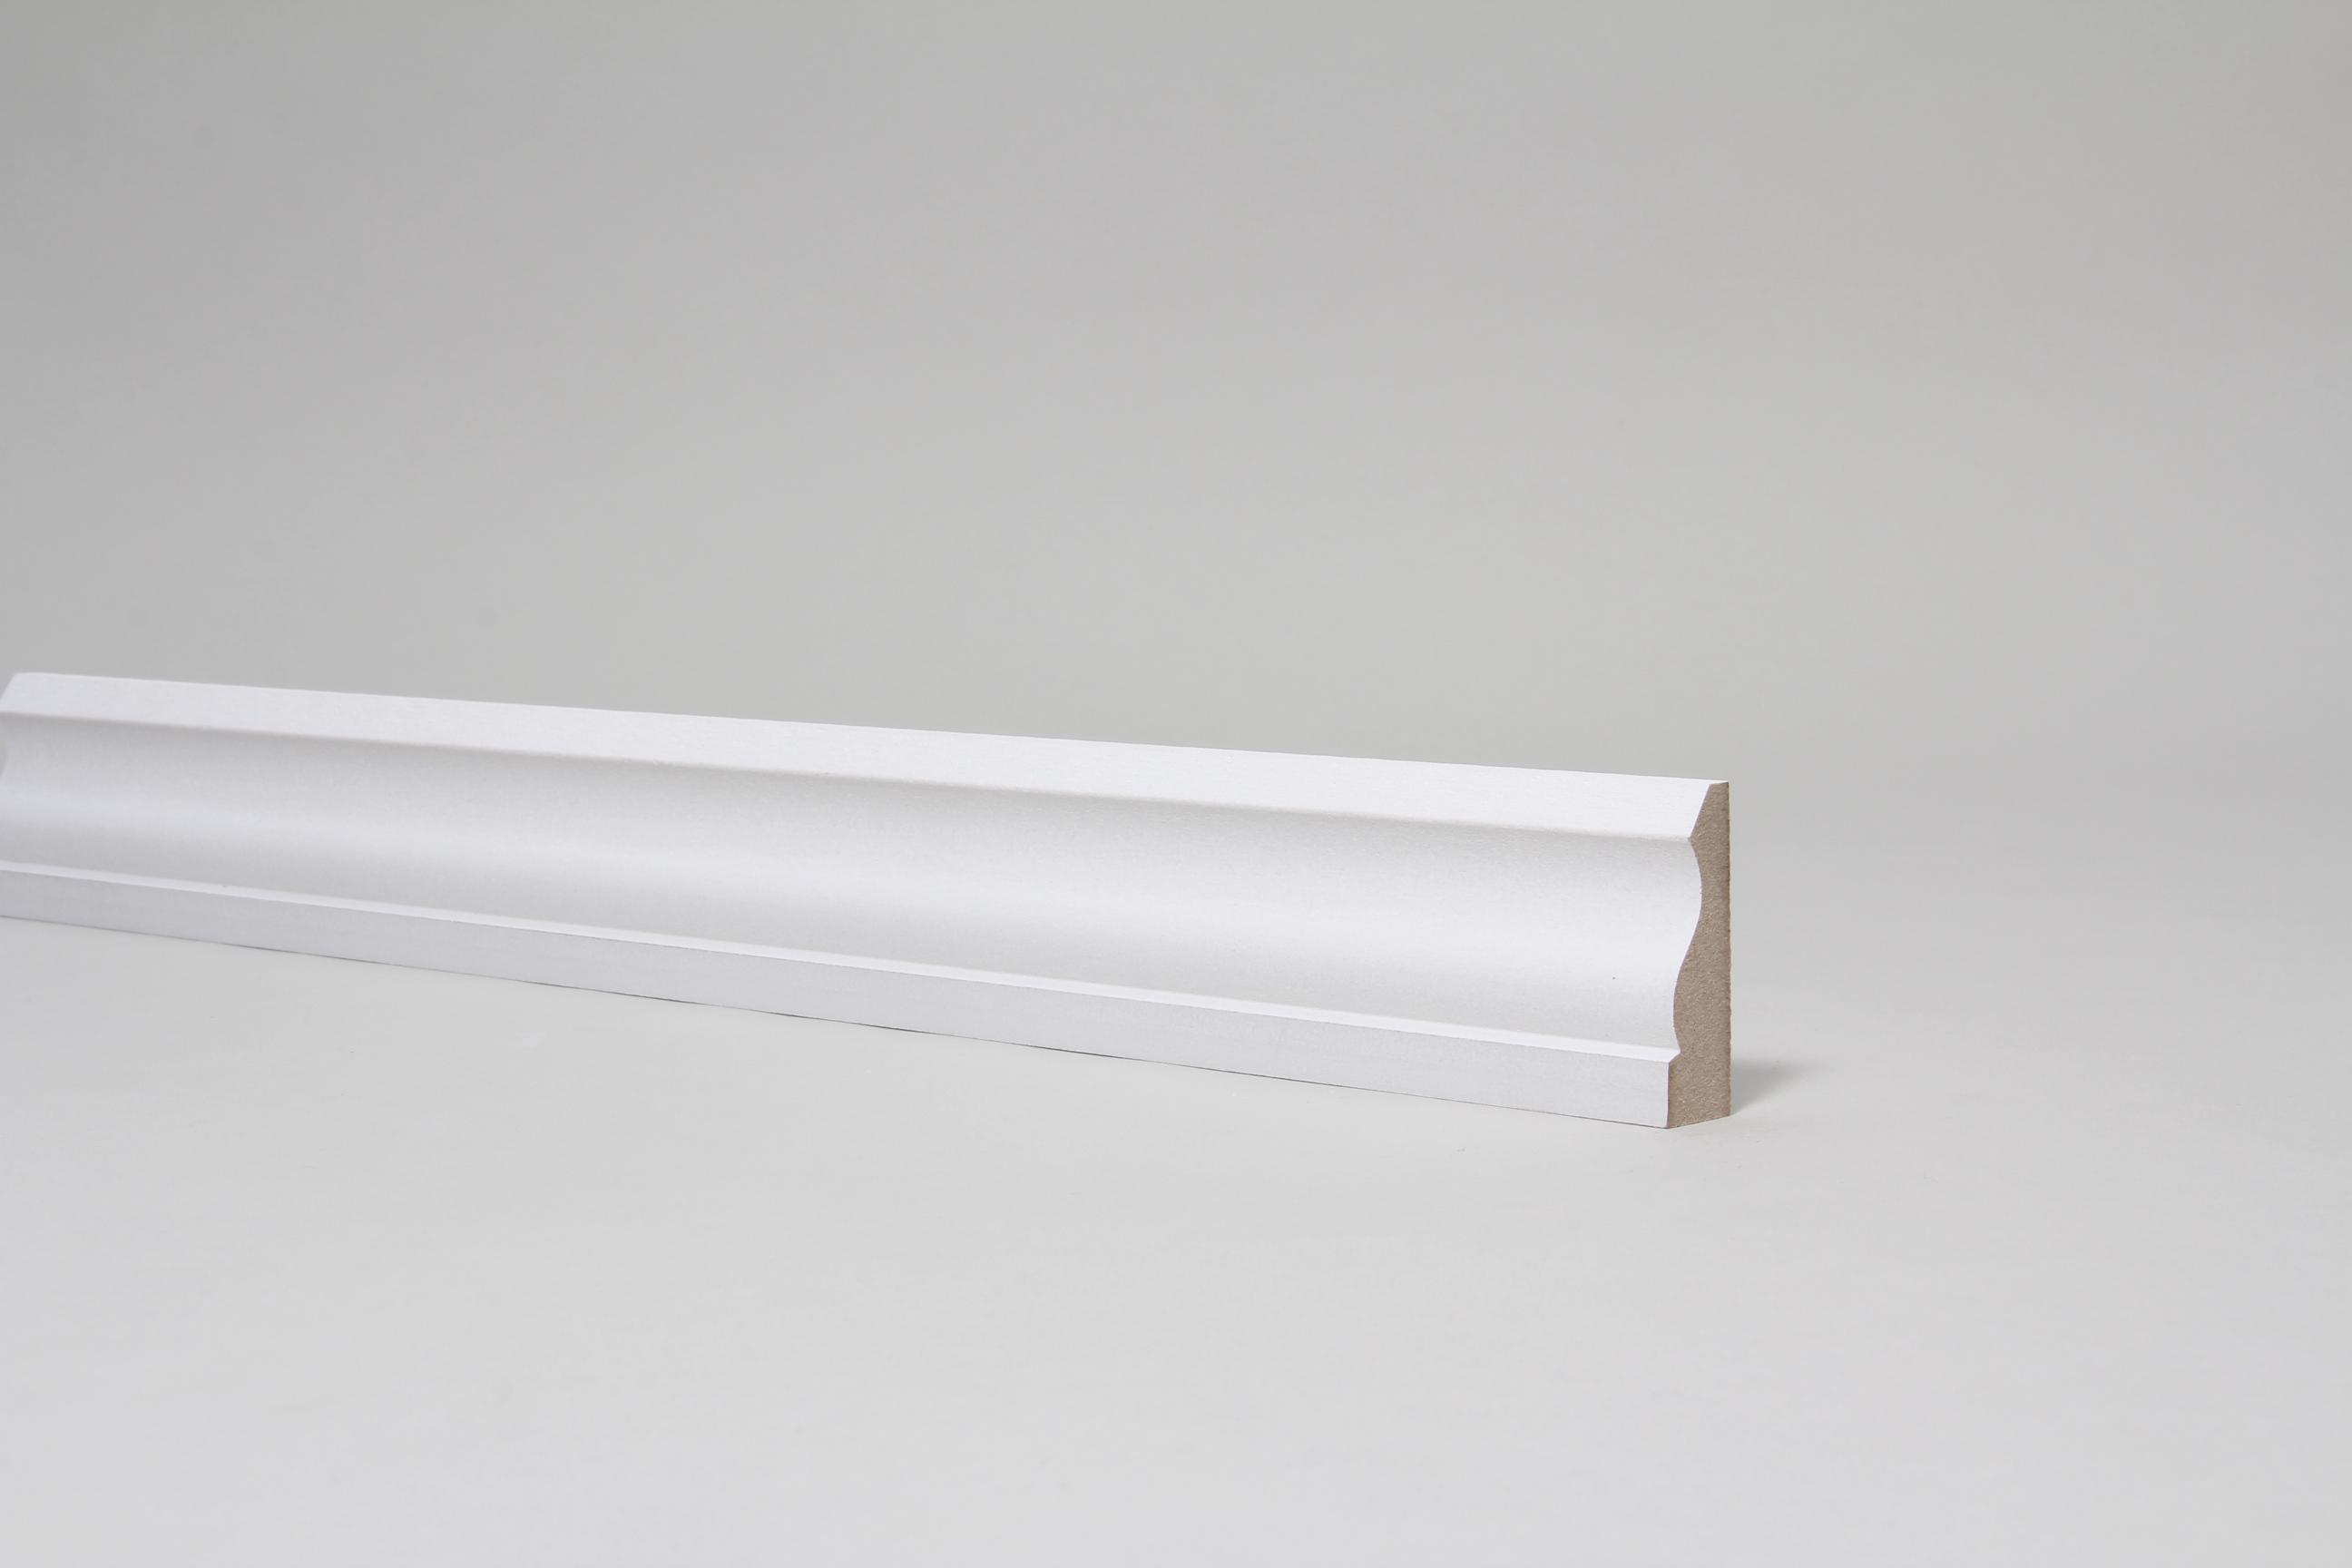 Ogee  18mm x 57mm Architrave Set Primed